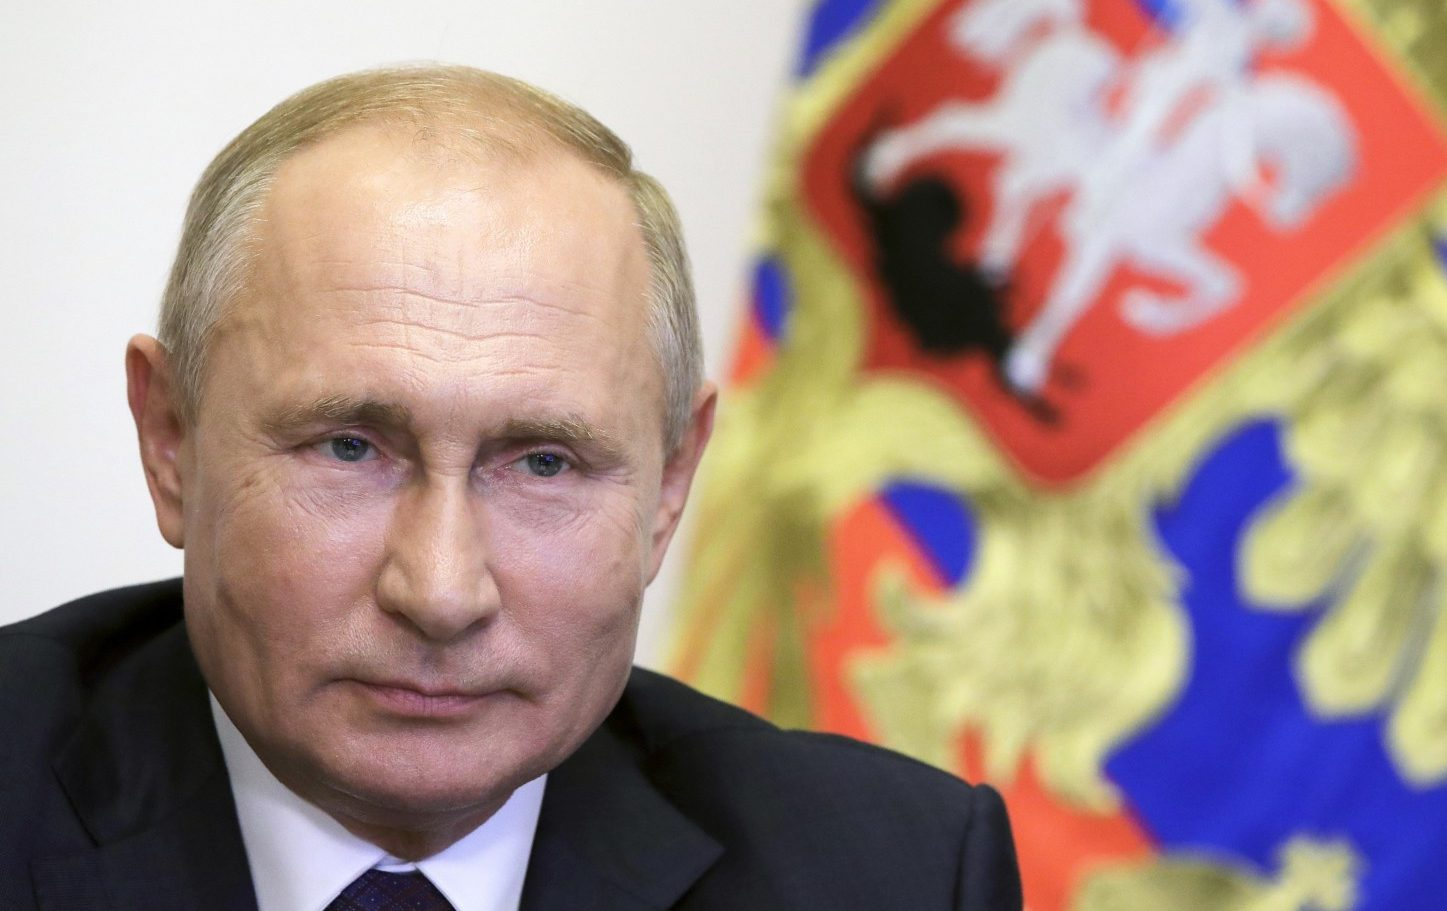 La lotta al Covid 19 rilancia l'intesa tra Budapest e Mosca